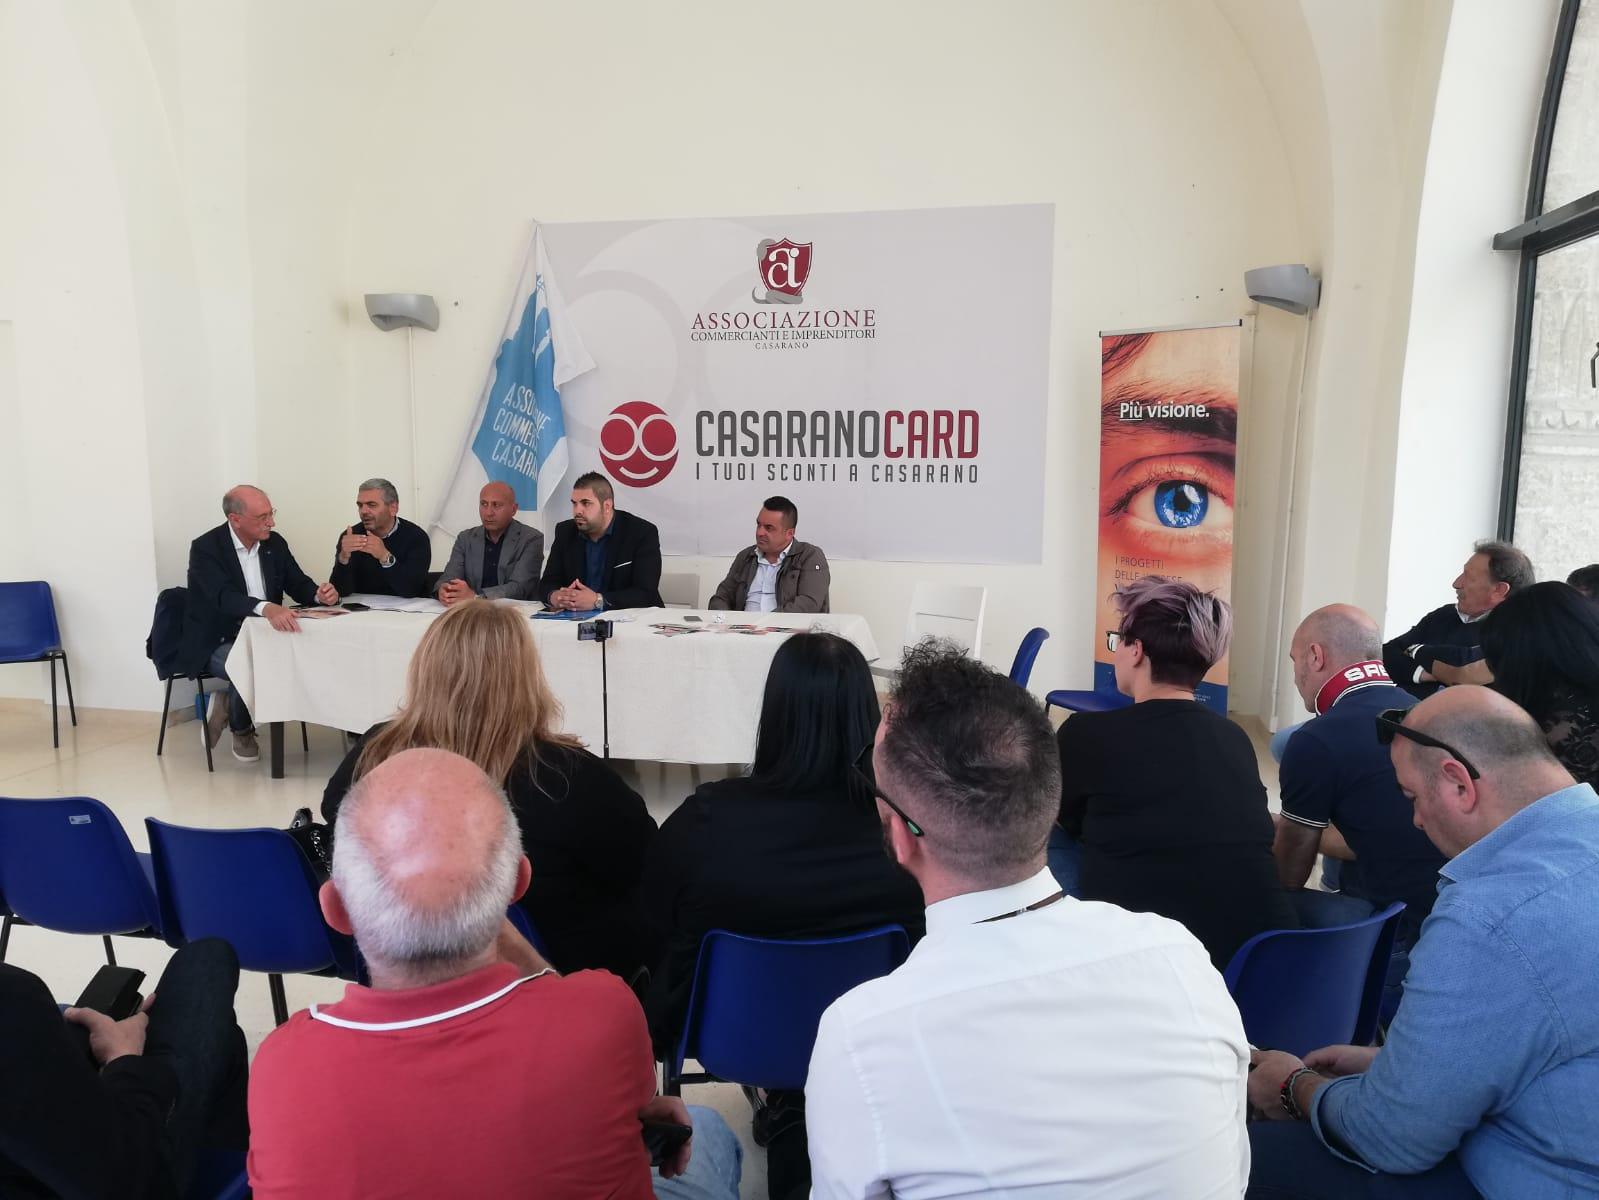 ELETTO IL NUOVO PRESIDENTE DELLA DELEGAZIONE DI CONFCOMMERCIO CASARANO